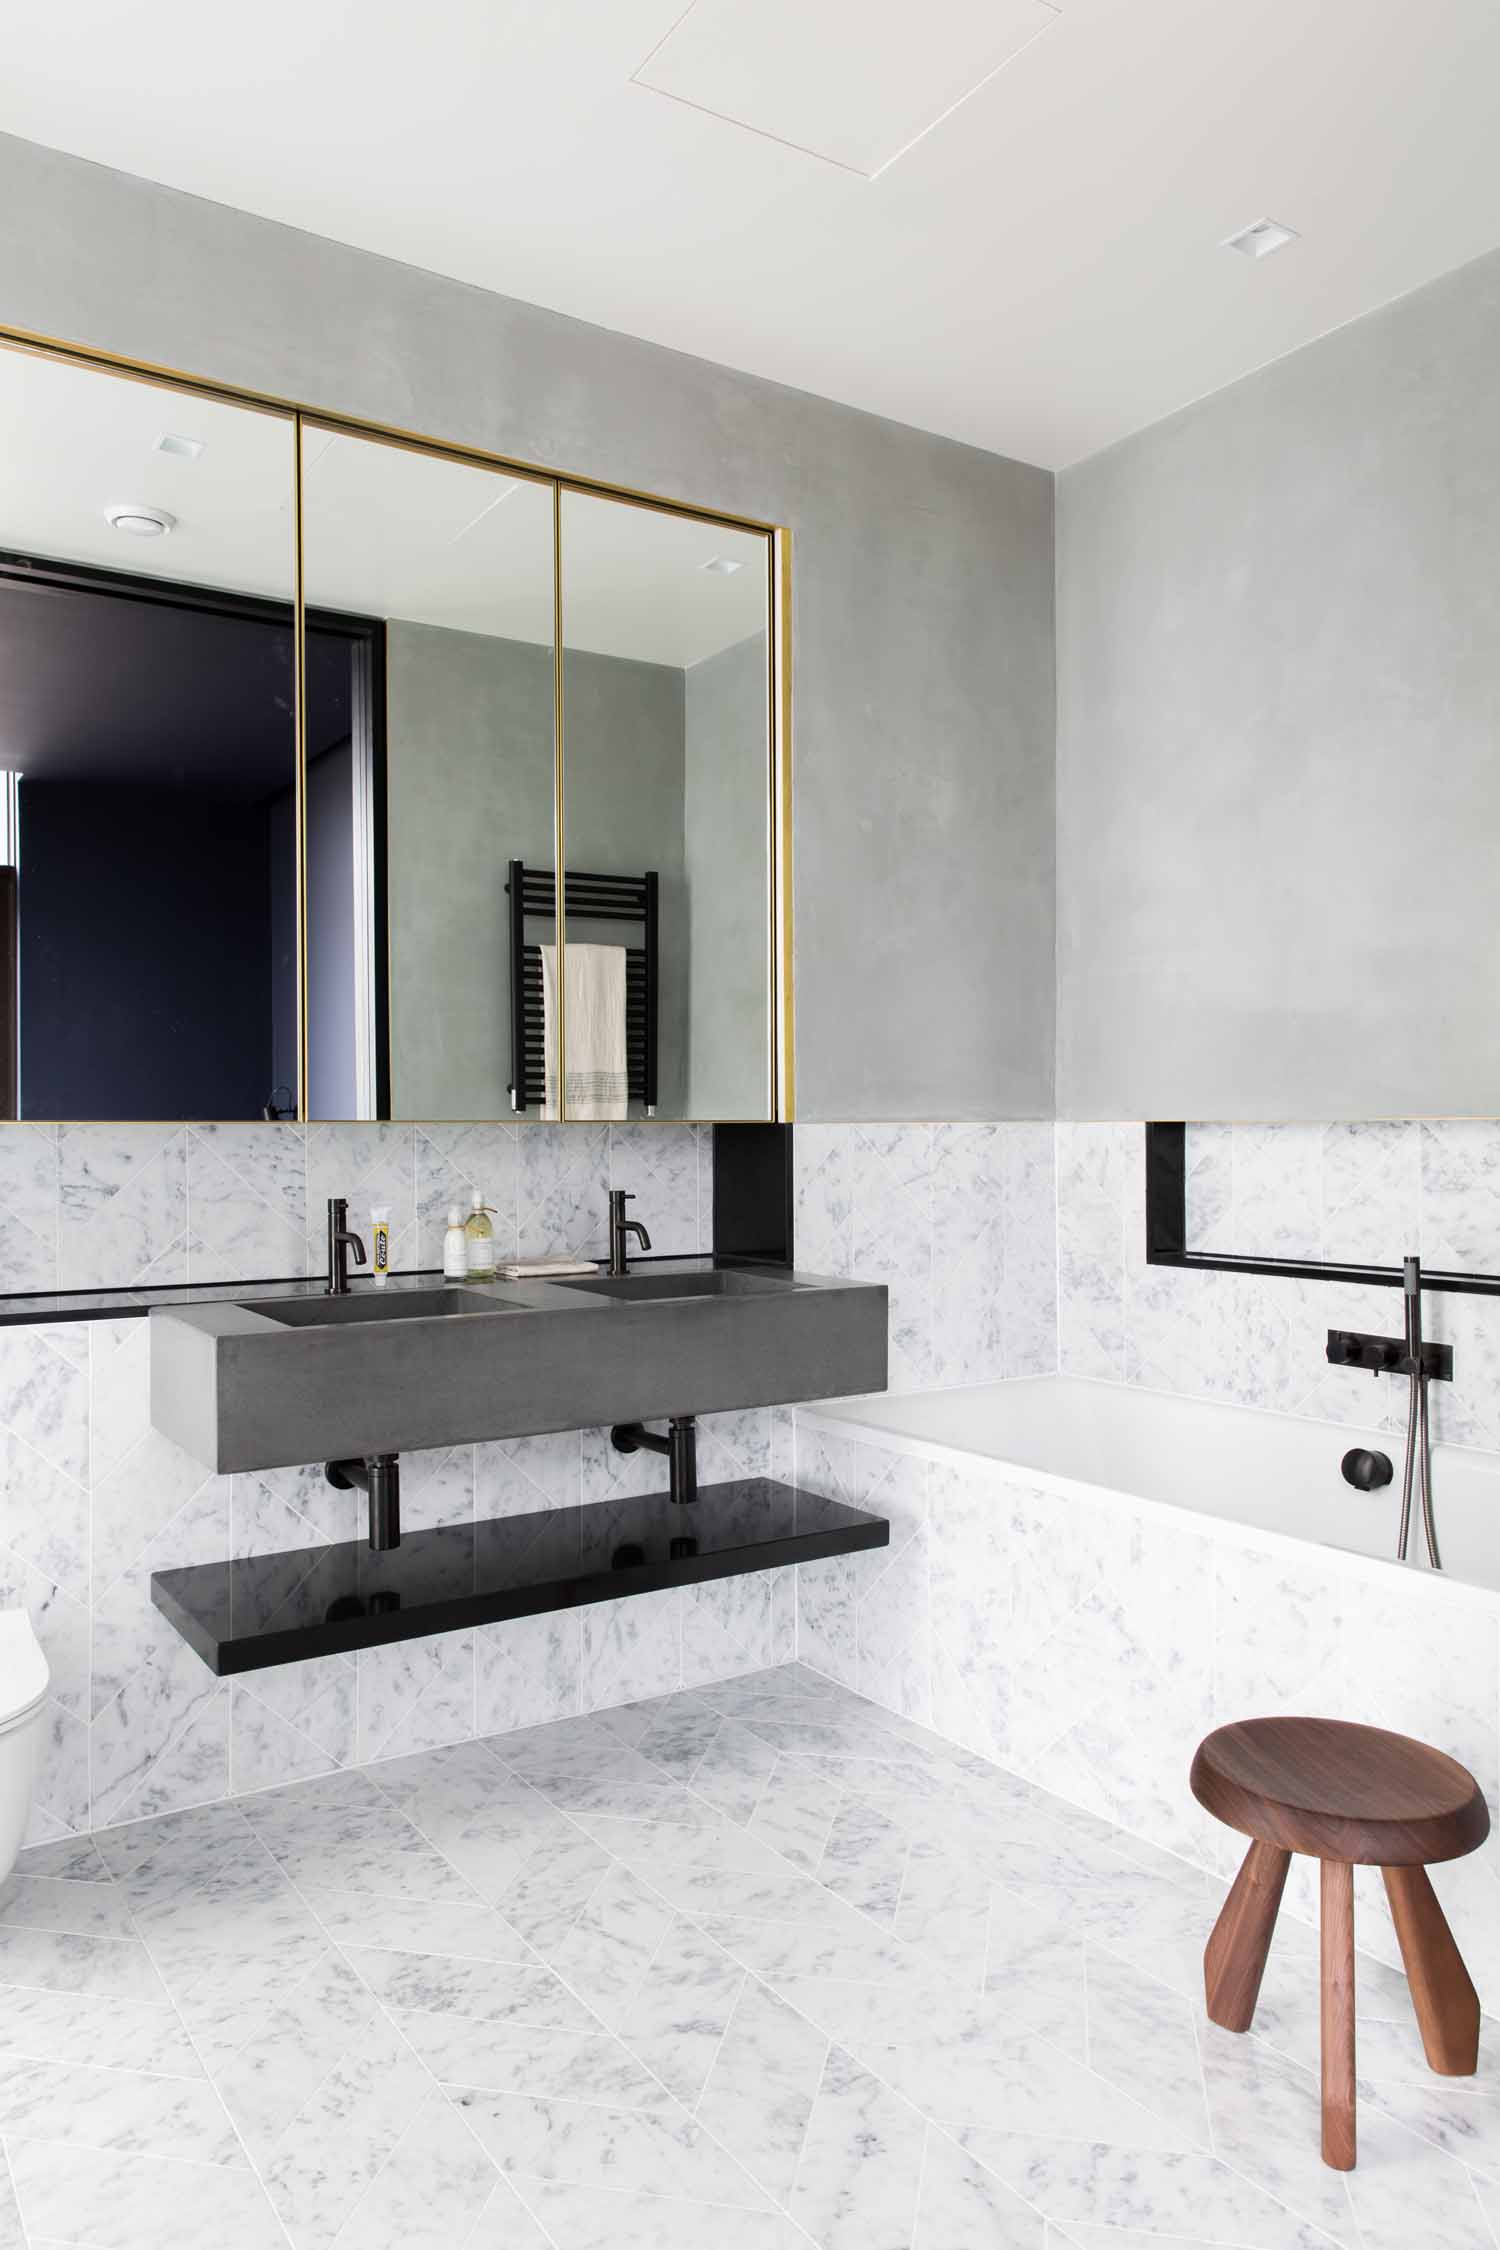 lilaliv | interior design blog - Modernes Schlafzimmer Interieur Reise